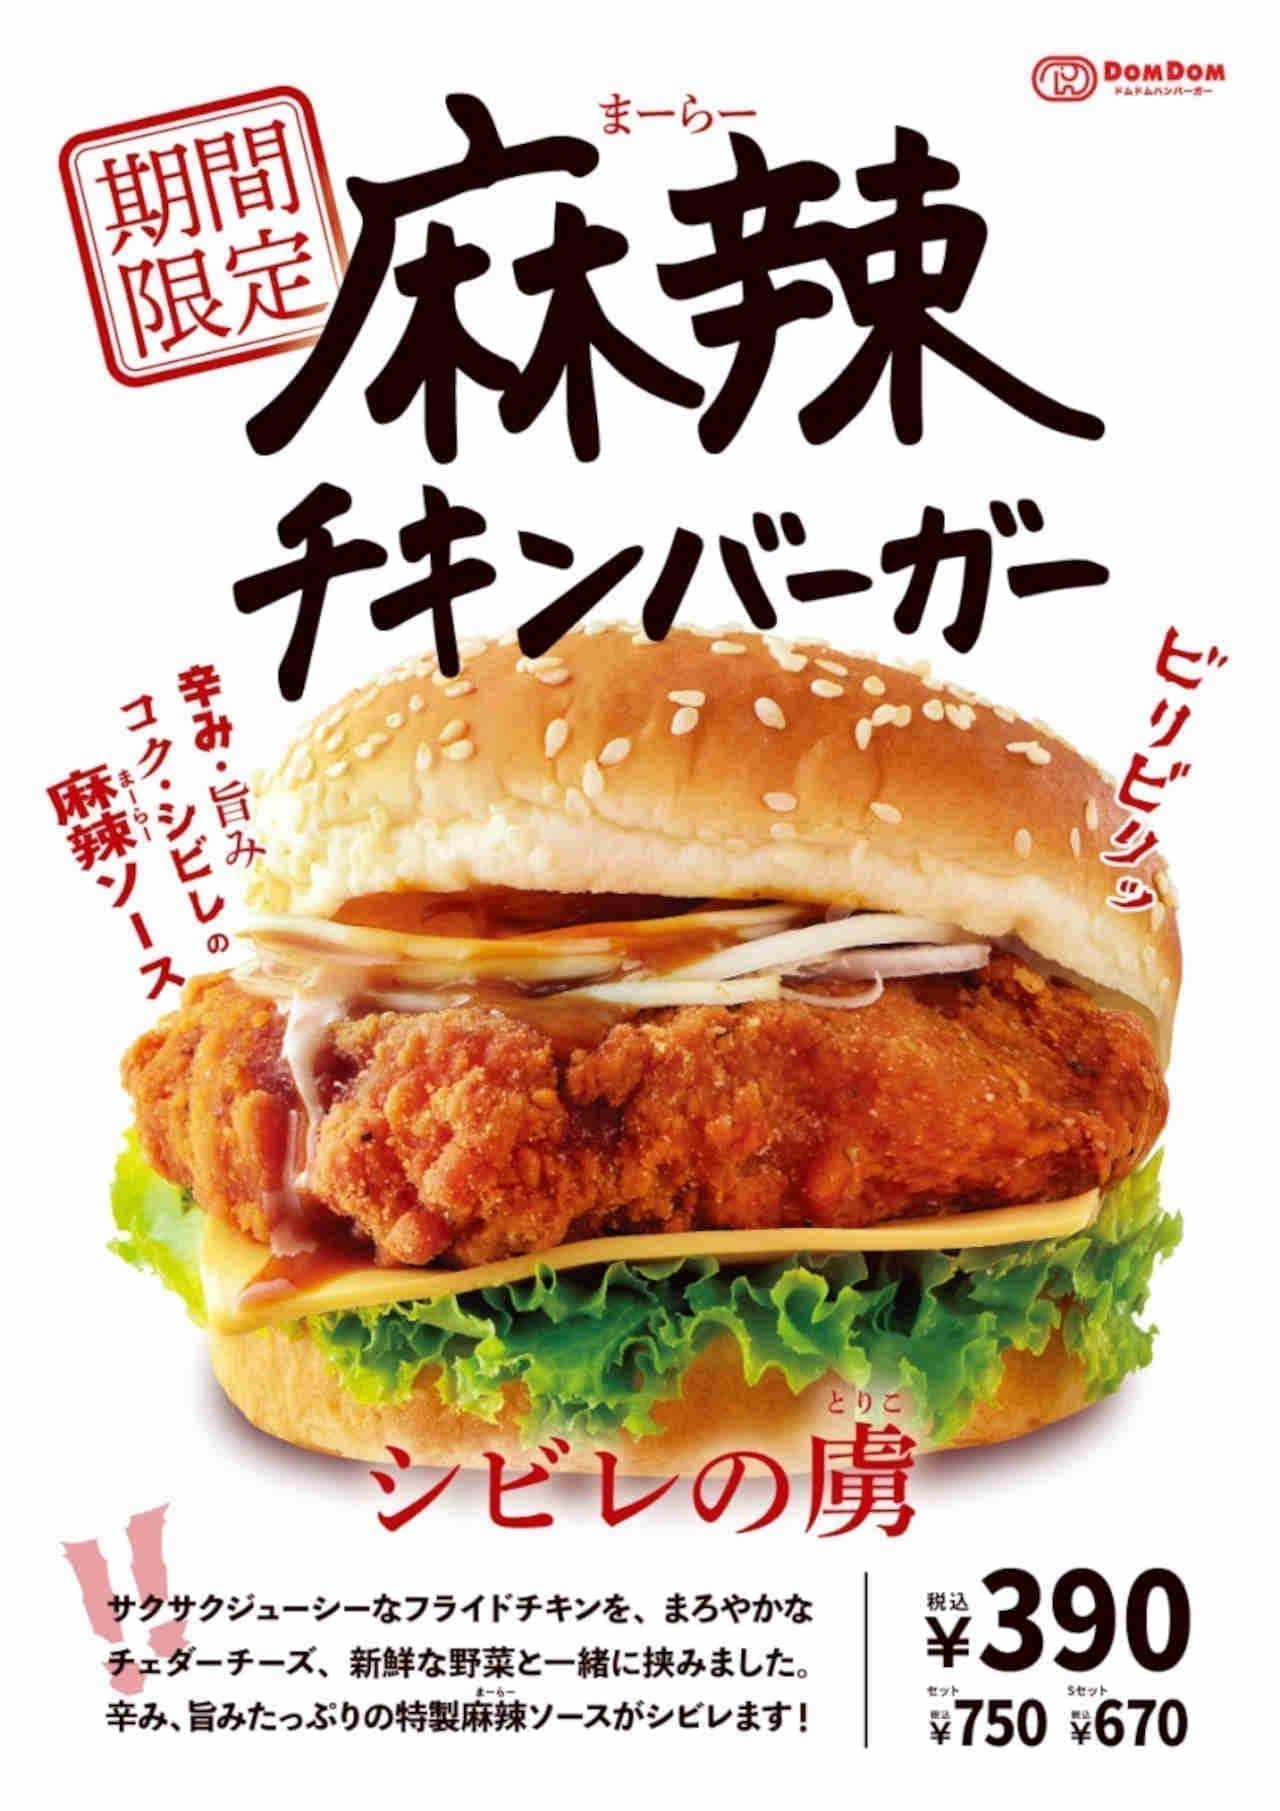 ドムドムハンバーガー「麻辣チキンバーガー」